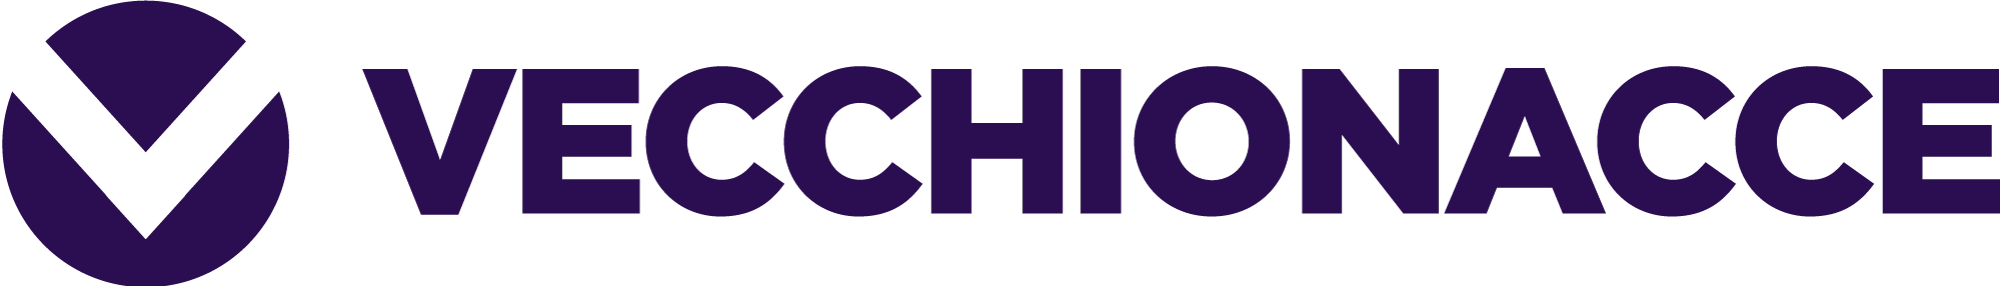 Logo Miguel Vecchionacce